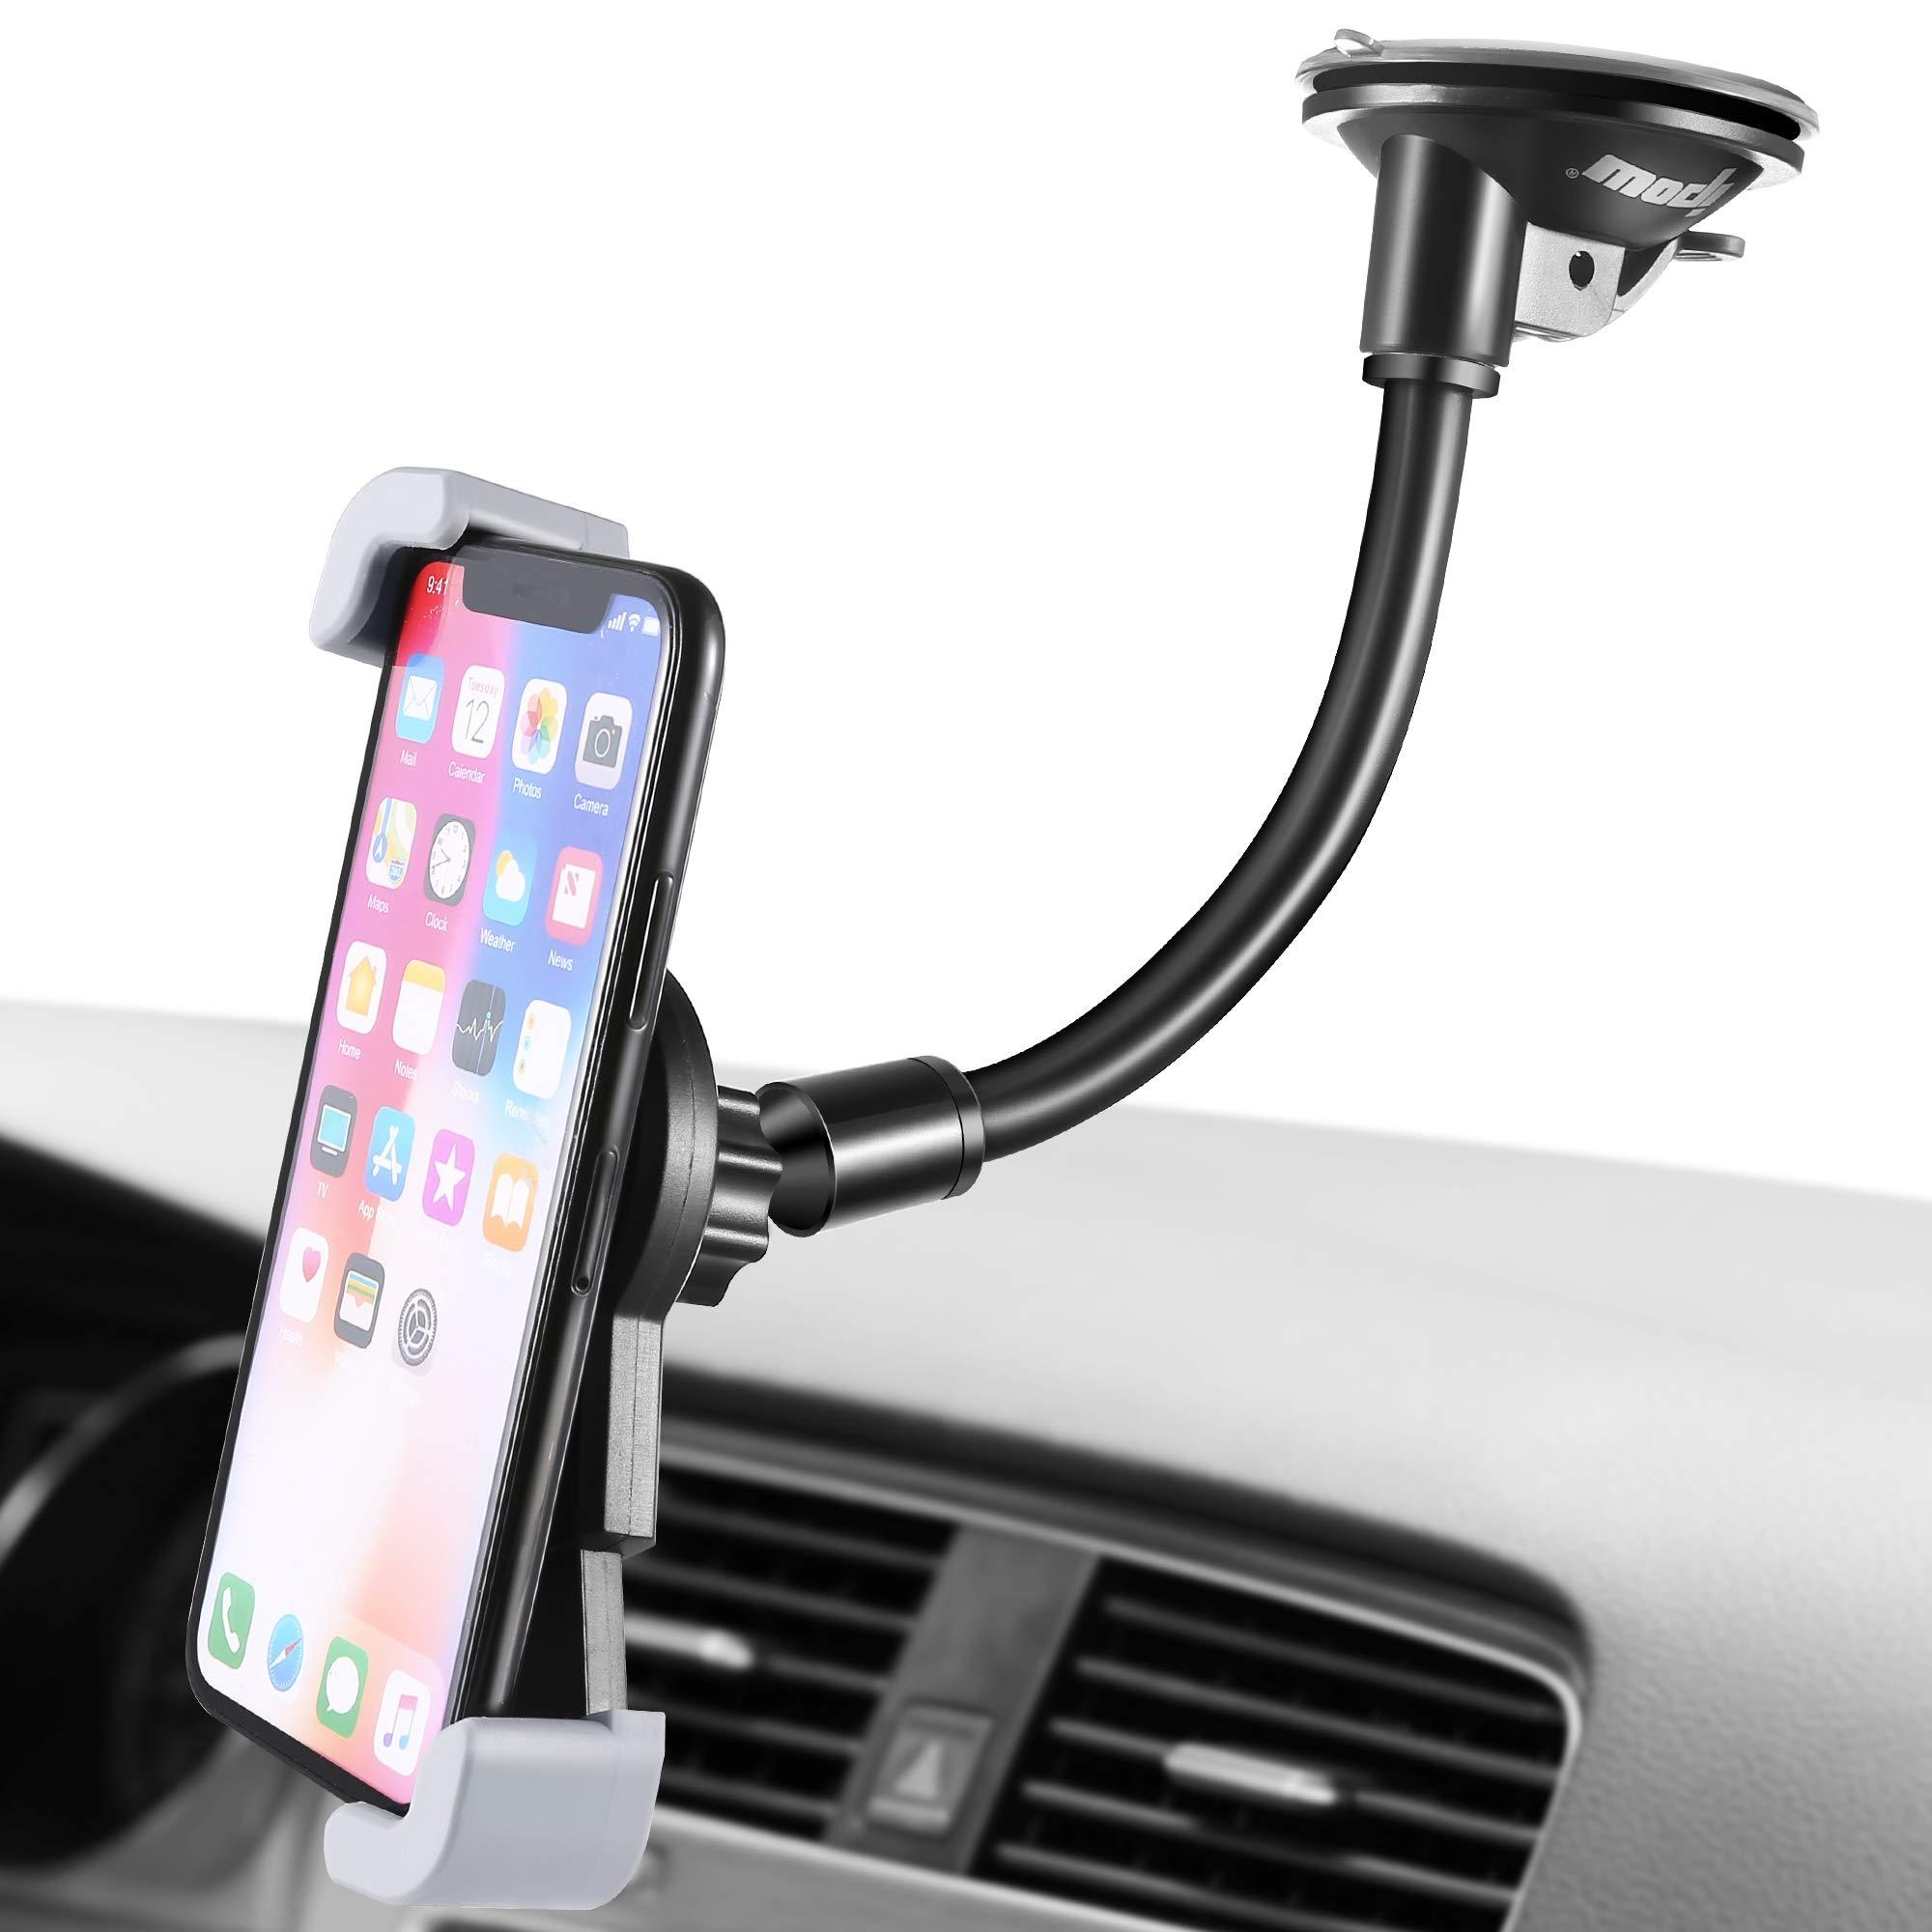 対角線クリップカーホルダーは、大規模なデバイスのダッシュボード/フロントガラスは、携帯電話ホルダーをマウントipowはiPhone SAMSUNG GALAXYに適していますネクサスLG HTC GPS、等